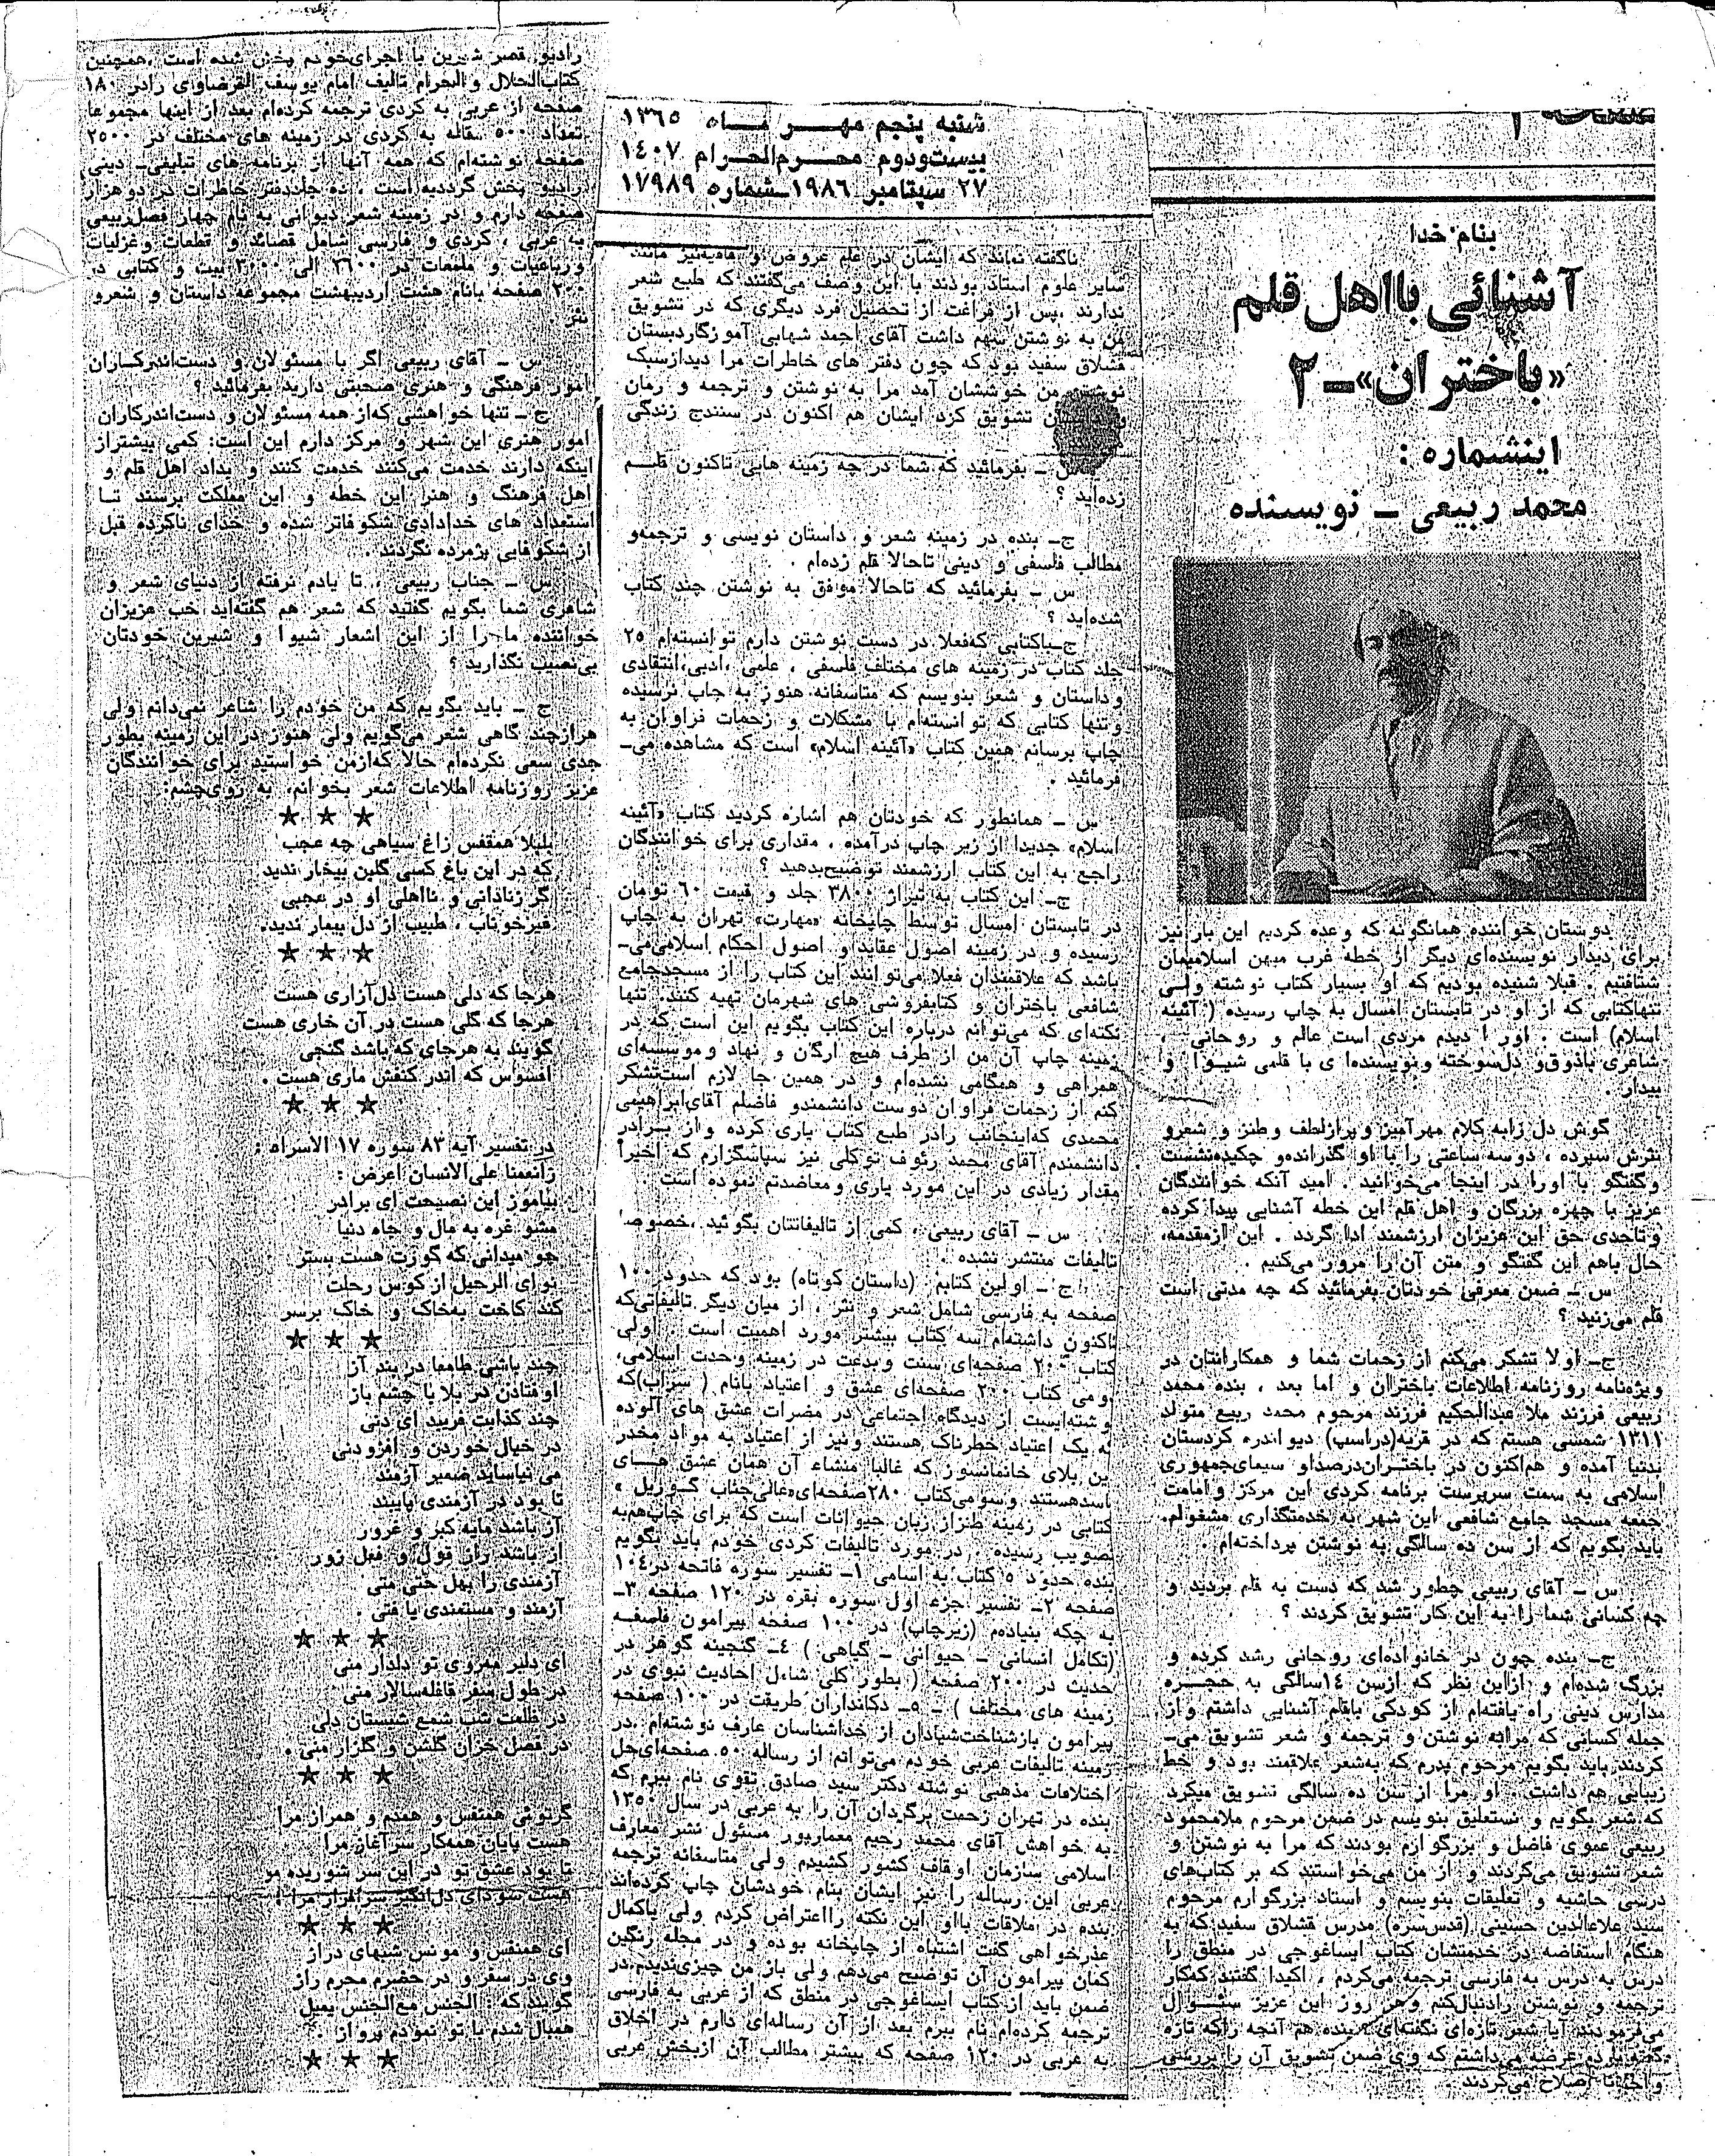 مصاحبه روزنامه اطلاعات باختران با علامه ربیعی ۱۳۶۵